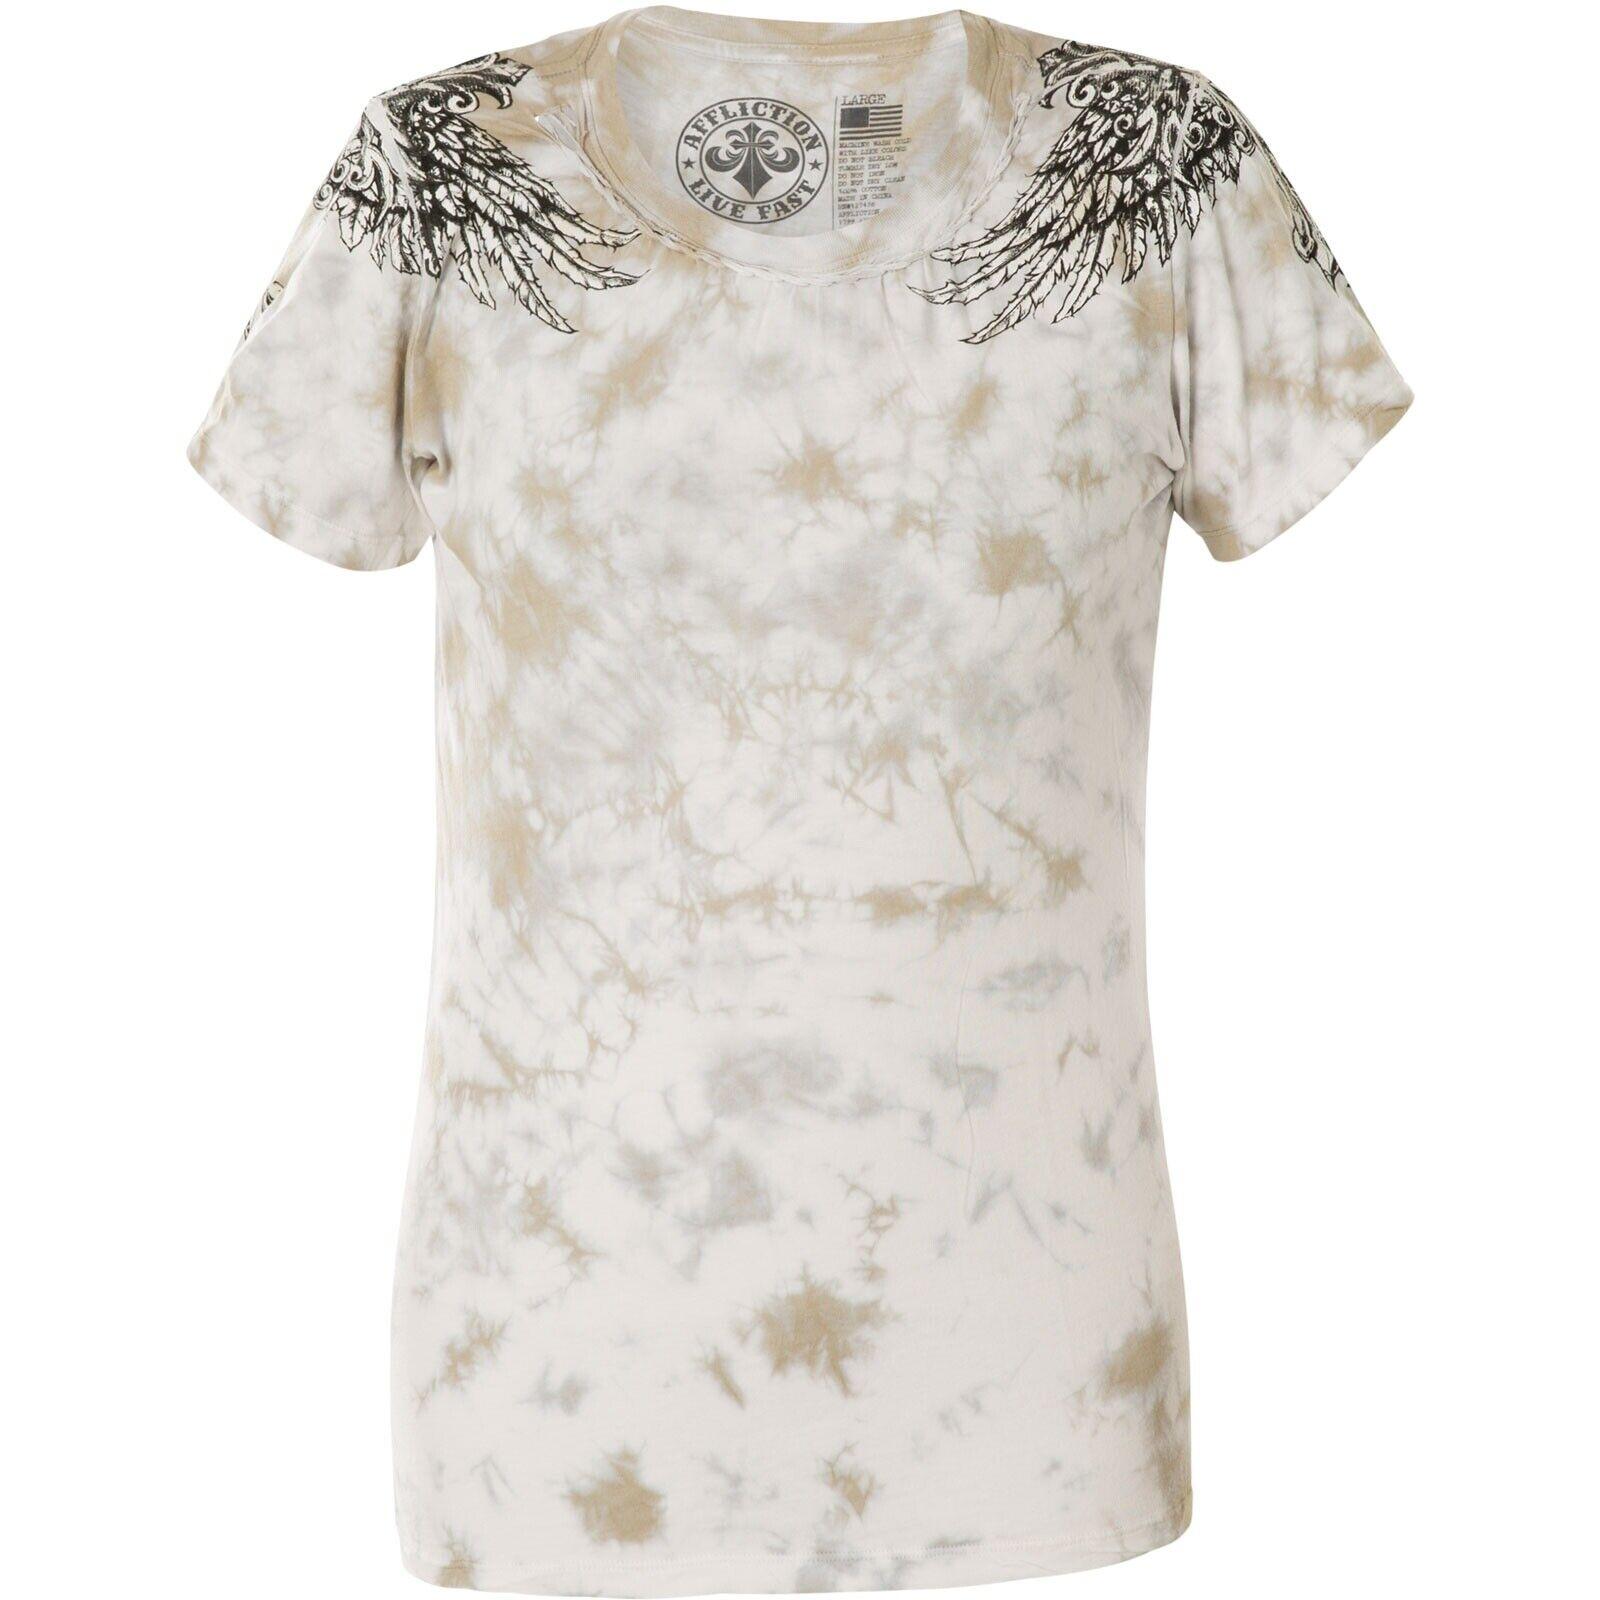 Rundhals Vinizi Damen T-Shirt Print Shirt weiß verschiedene Größen